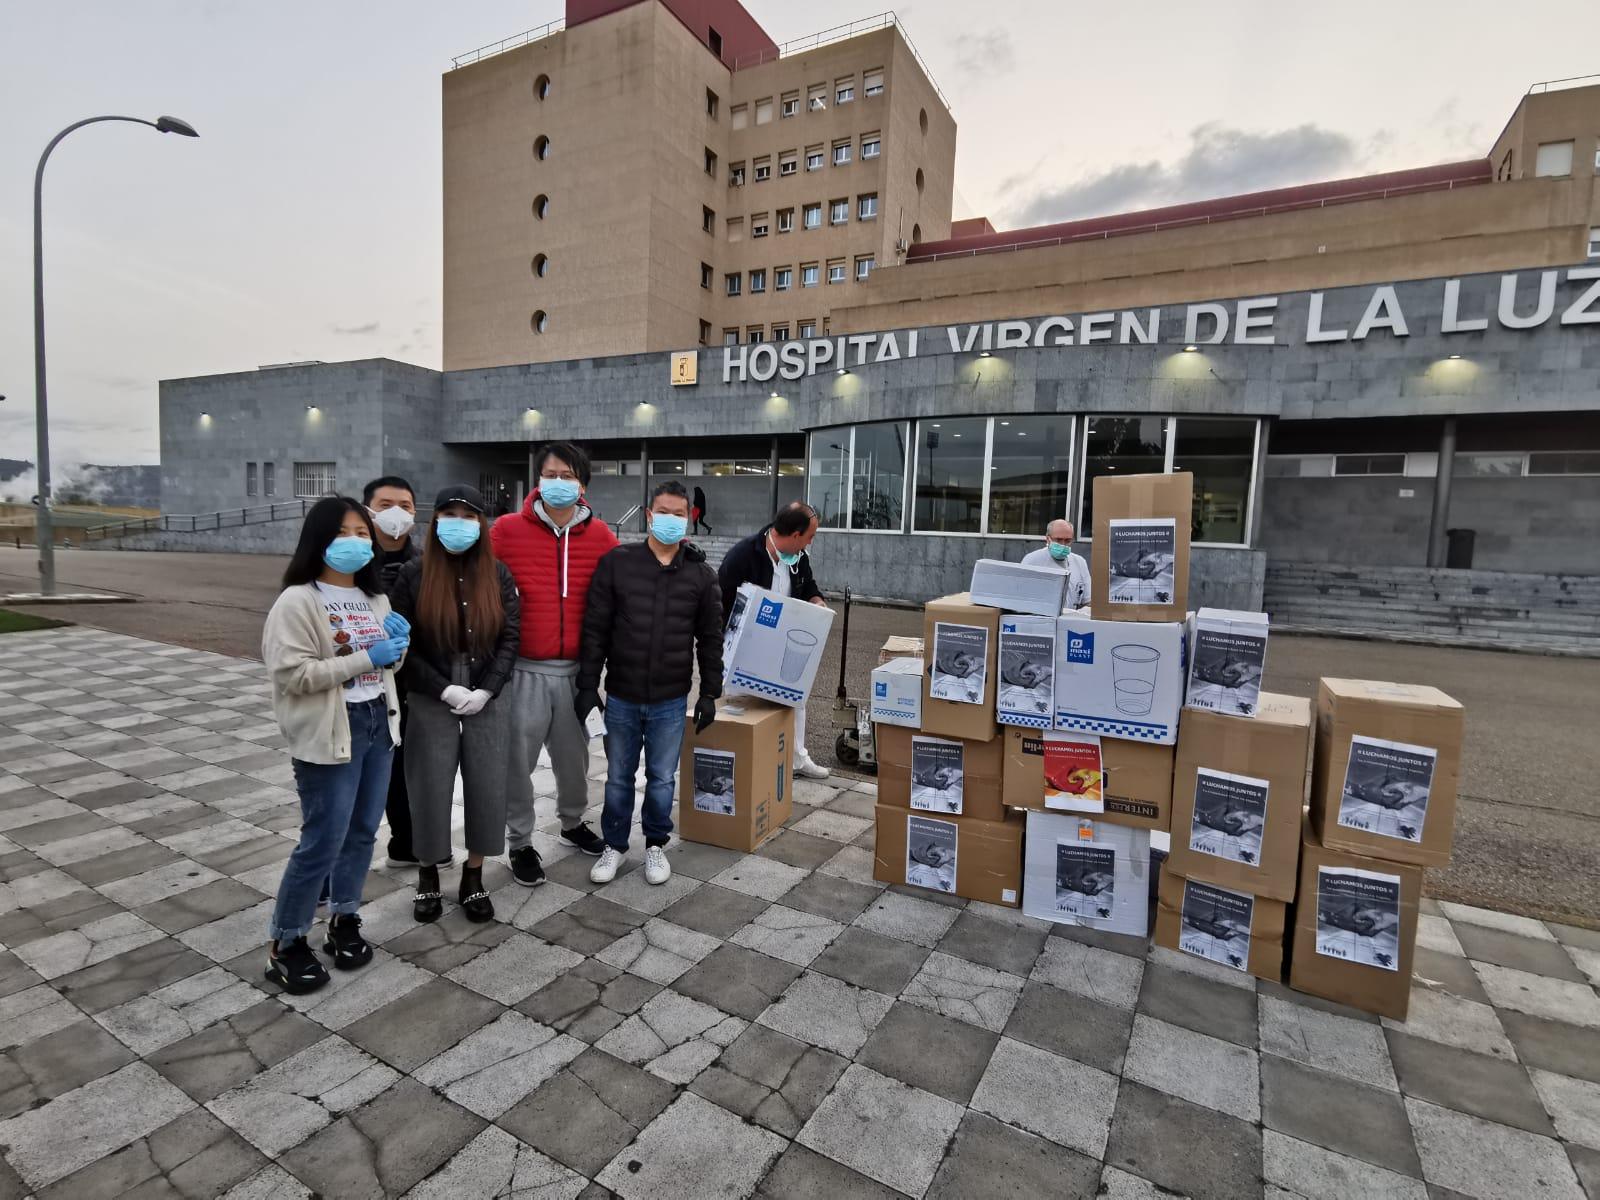 img 20200317 wa0044 | Informaciones de Cuenca